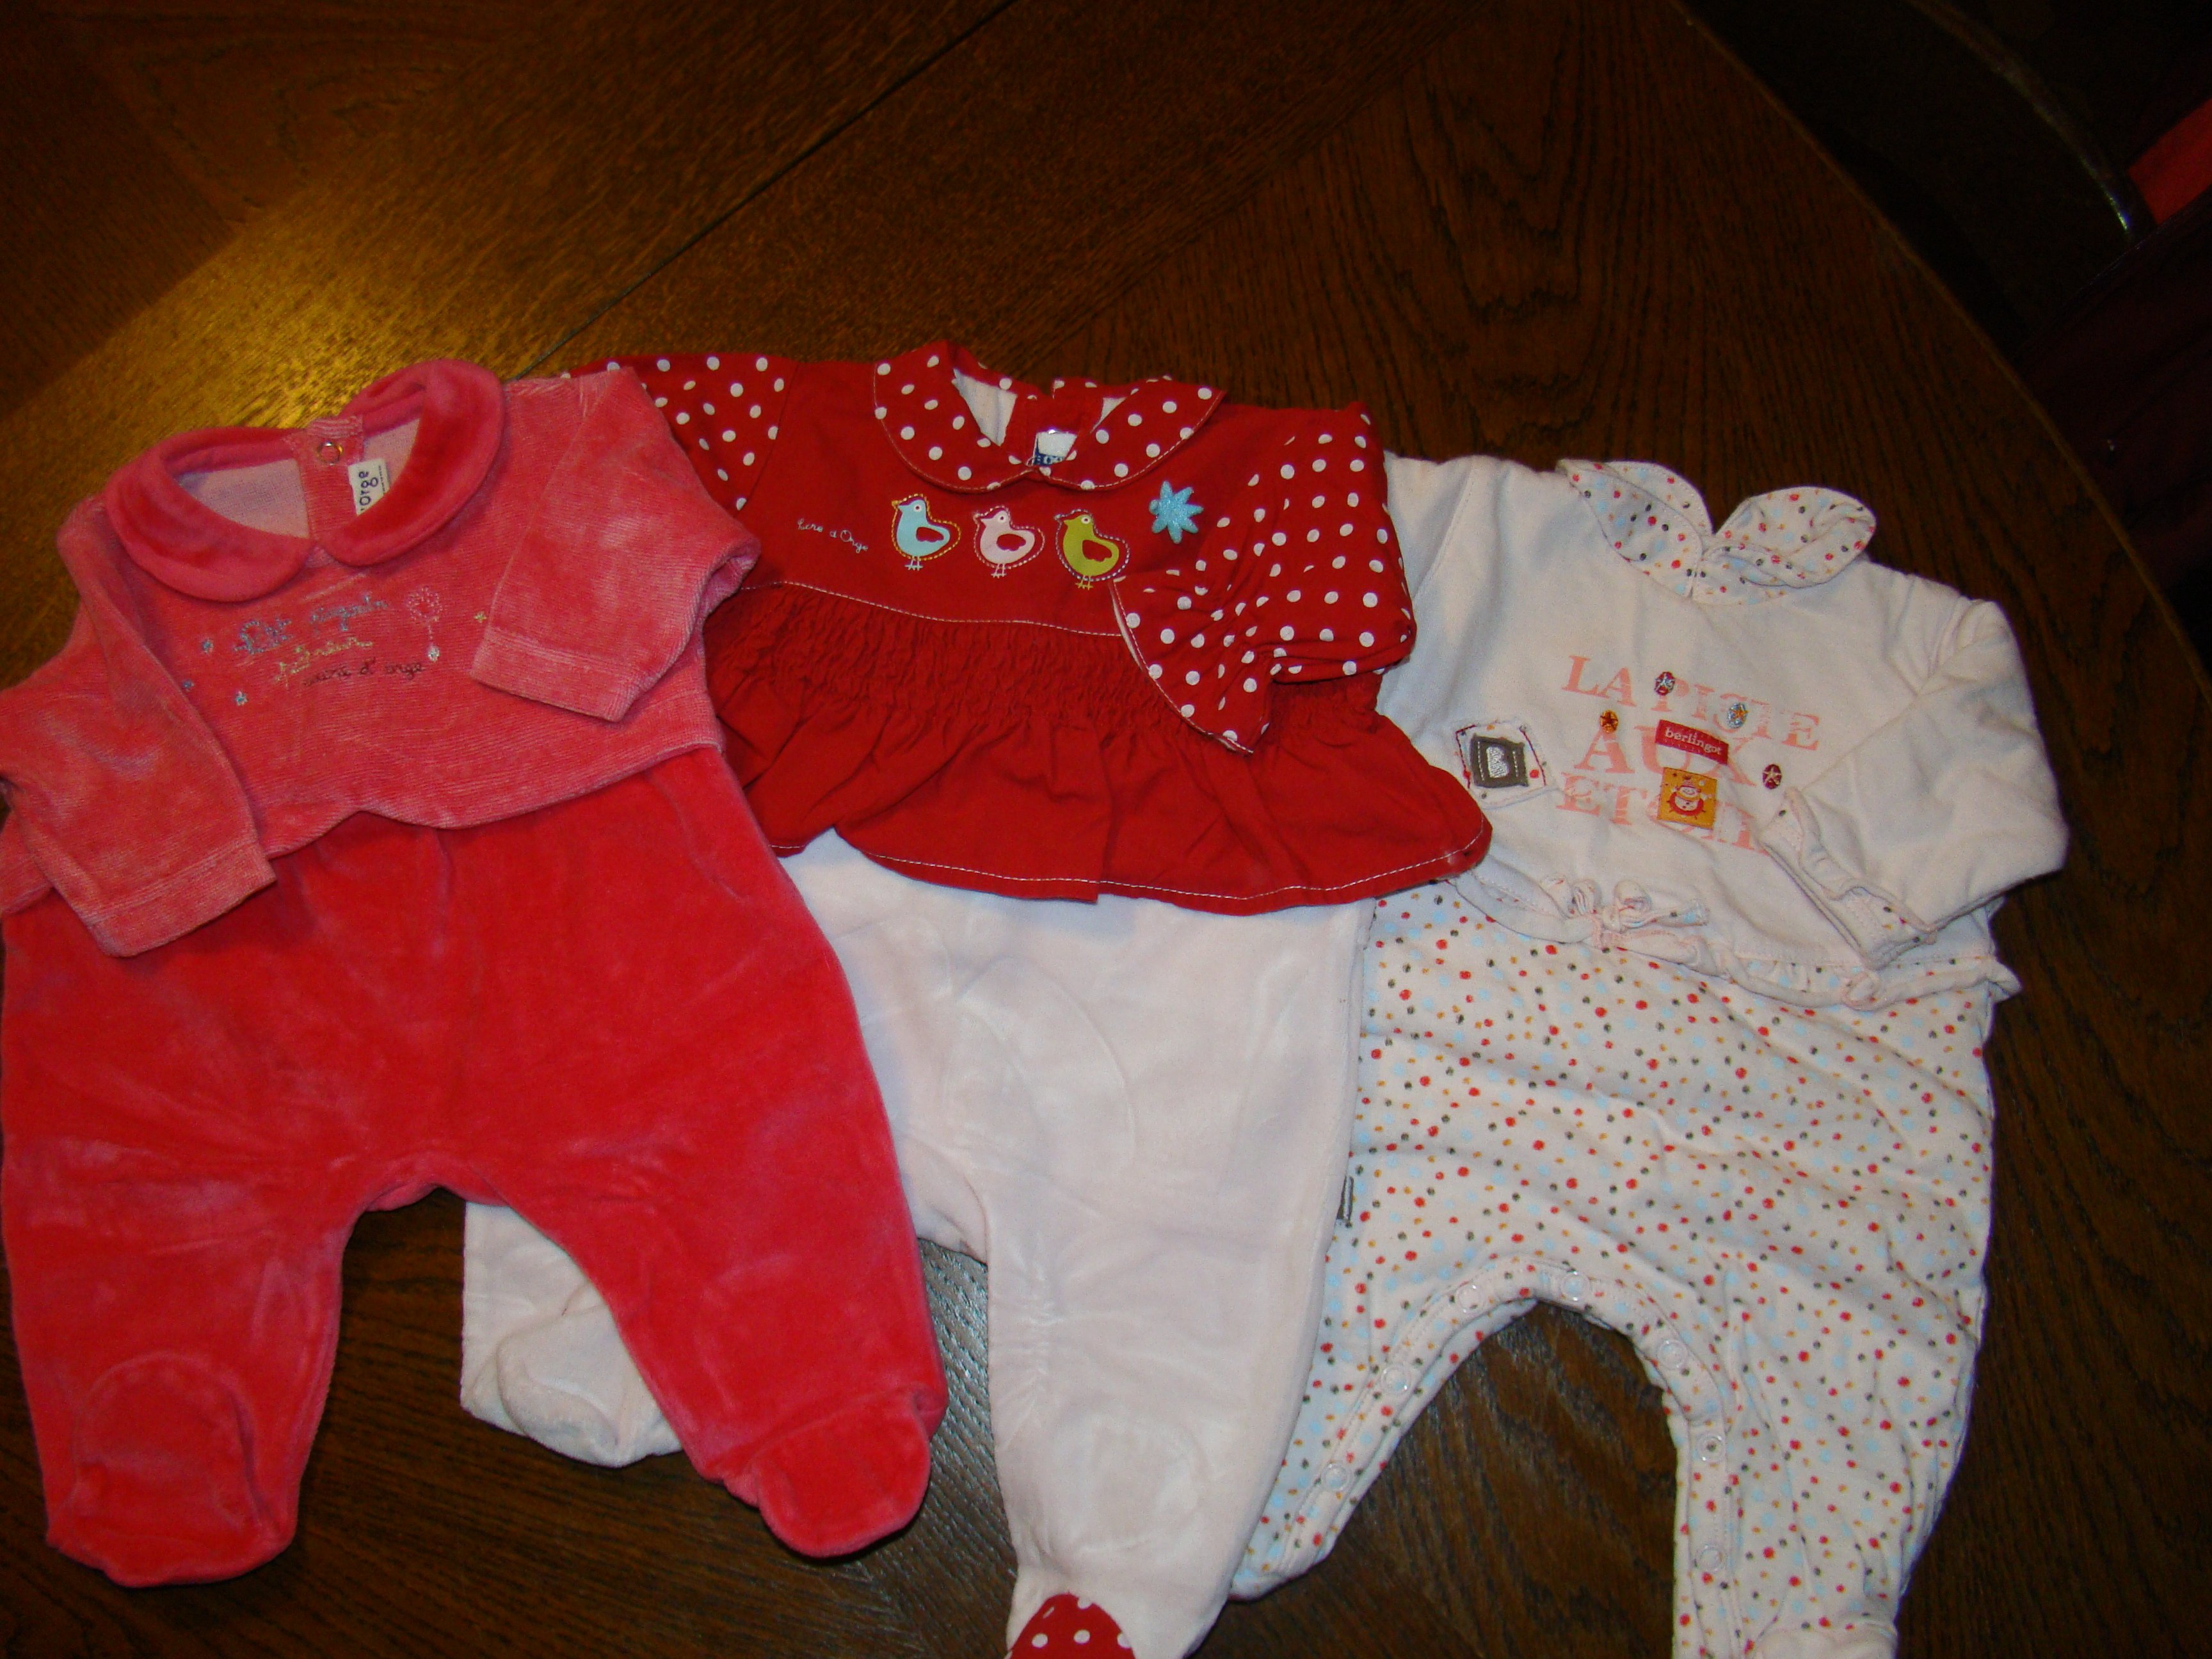 pyjamas sucre d 39 orge 0 mois 4 euros piece vetement b b fille 0 1 mois kajenocha photos. Black Bedroom Furniture Sets. Home Design Ideas